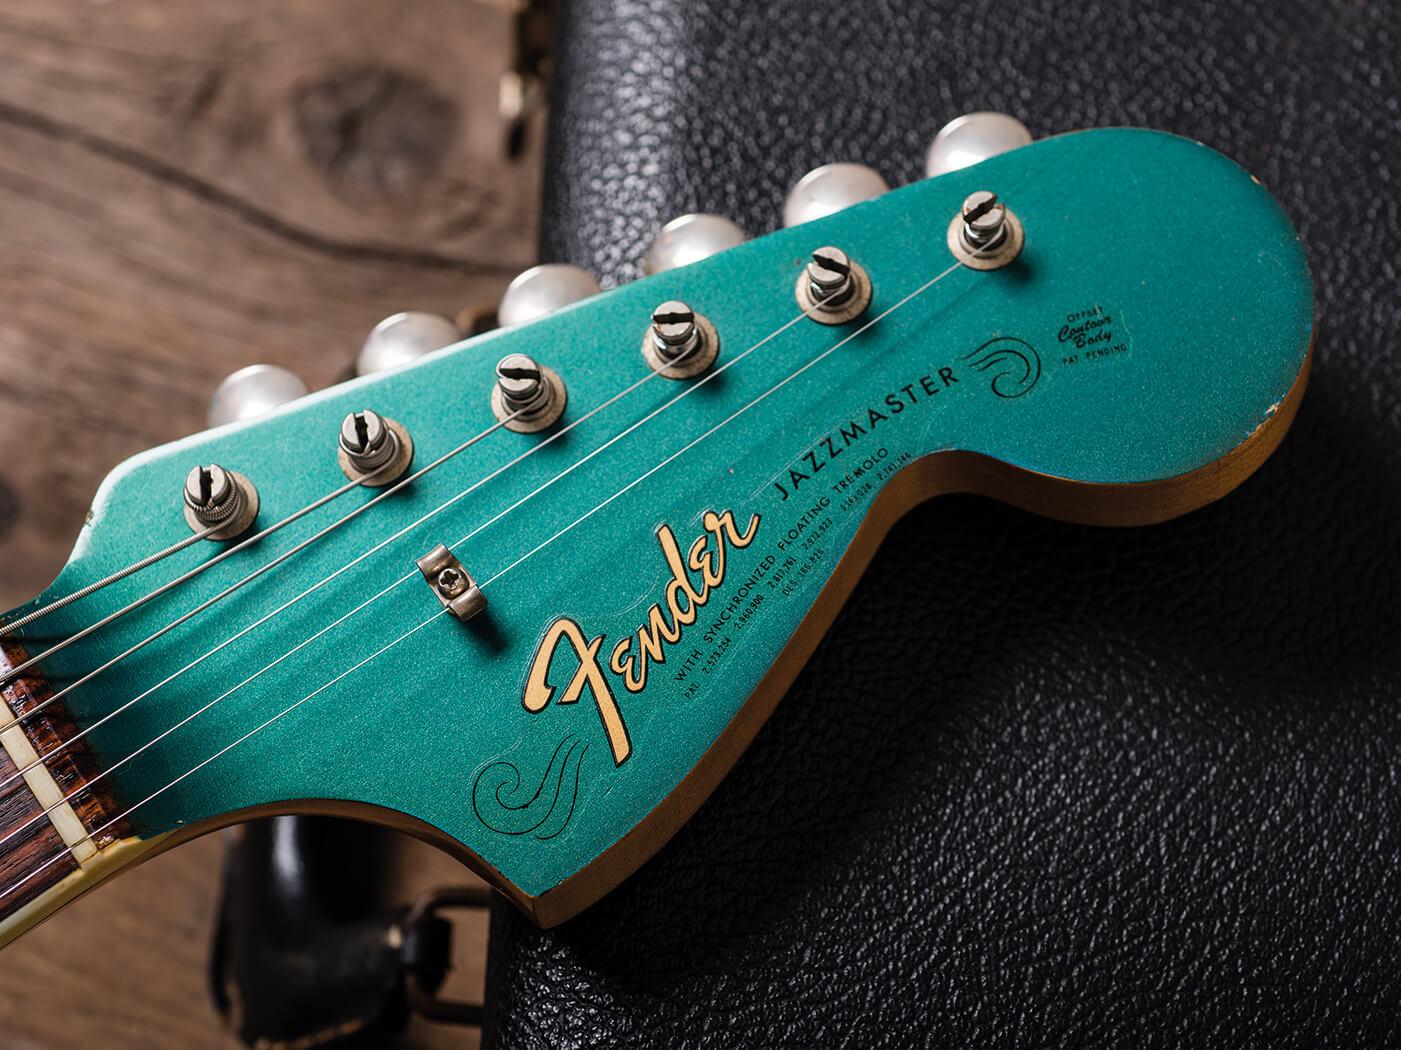 Fender 1966 Jazzmaster Ocean Turquoise headstock